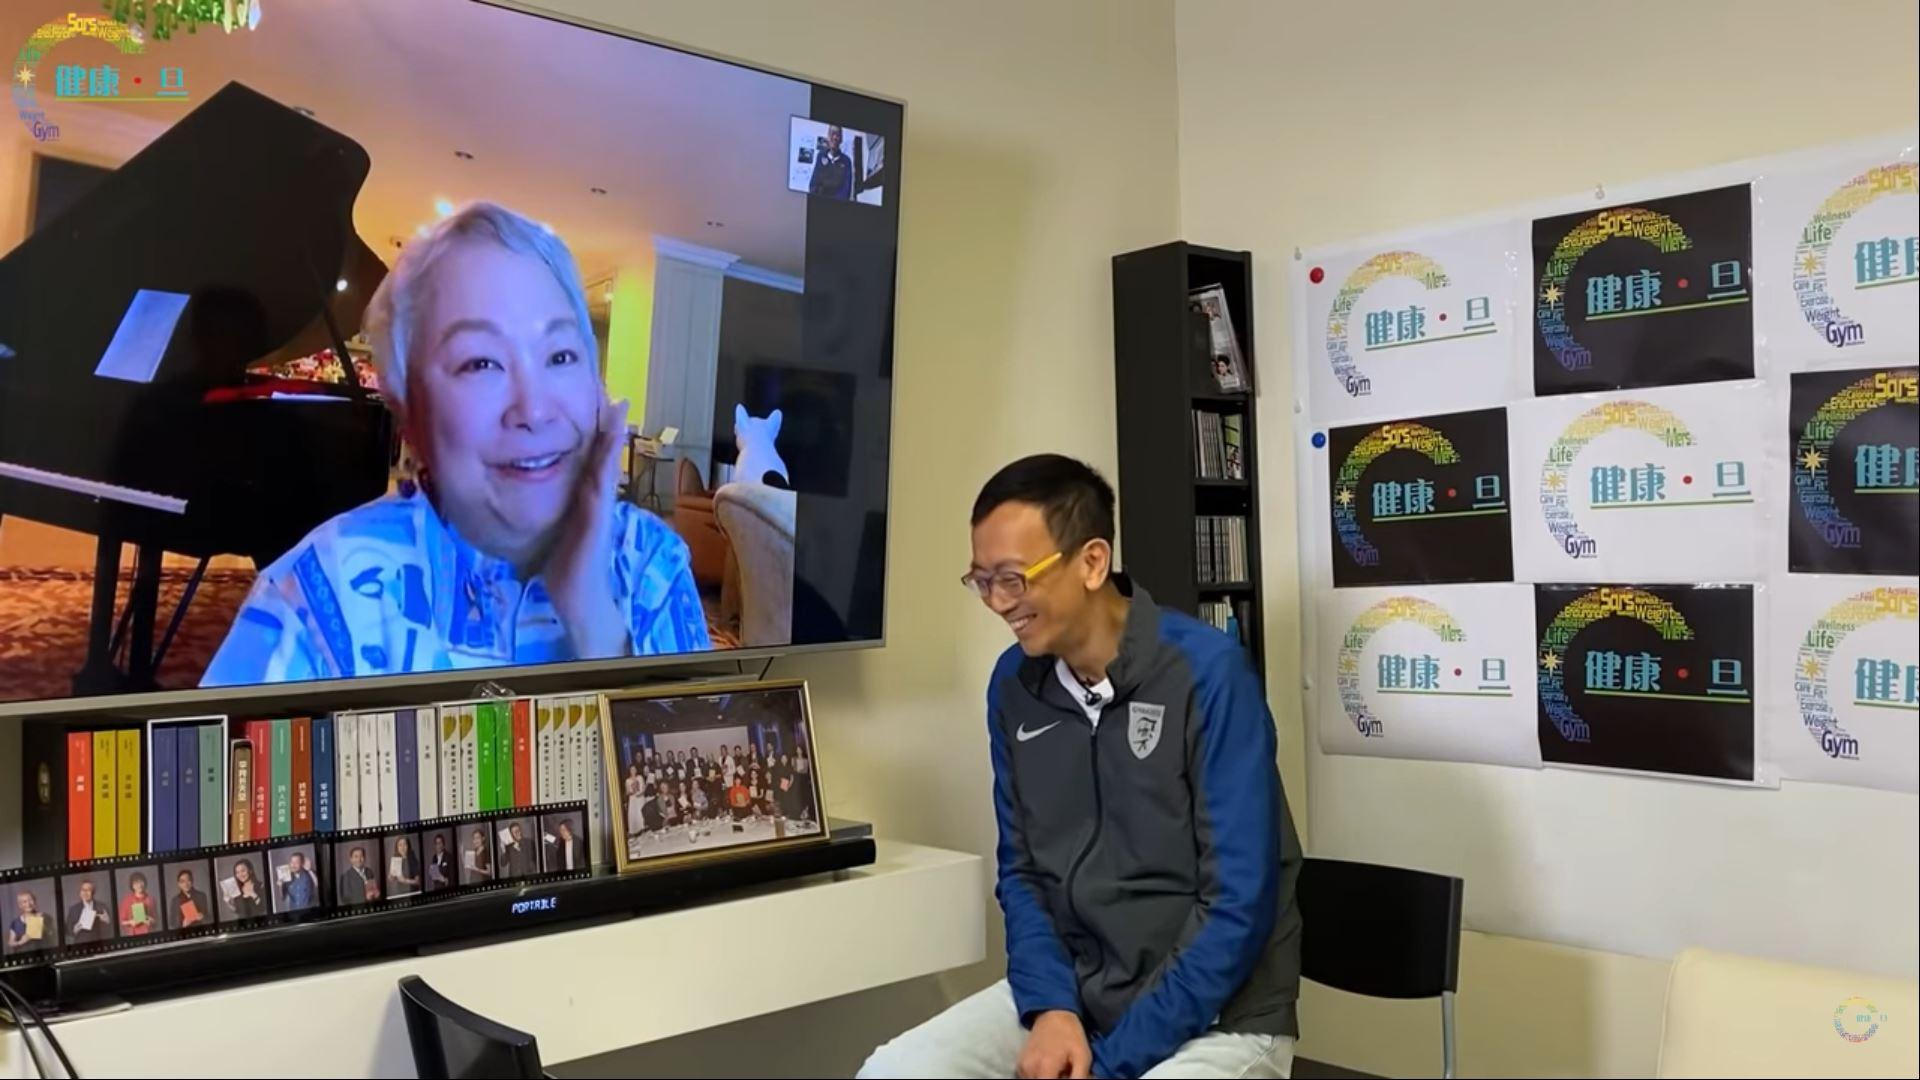 陳秋霞接受「健康·旦」視像訪問,暢談她於馬來西亞的抗疫生活。